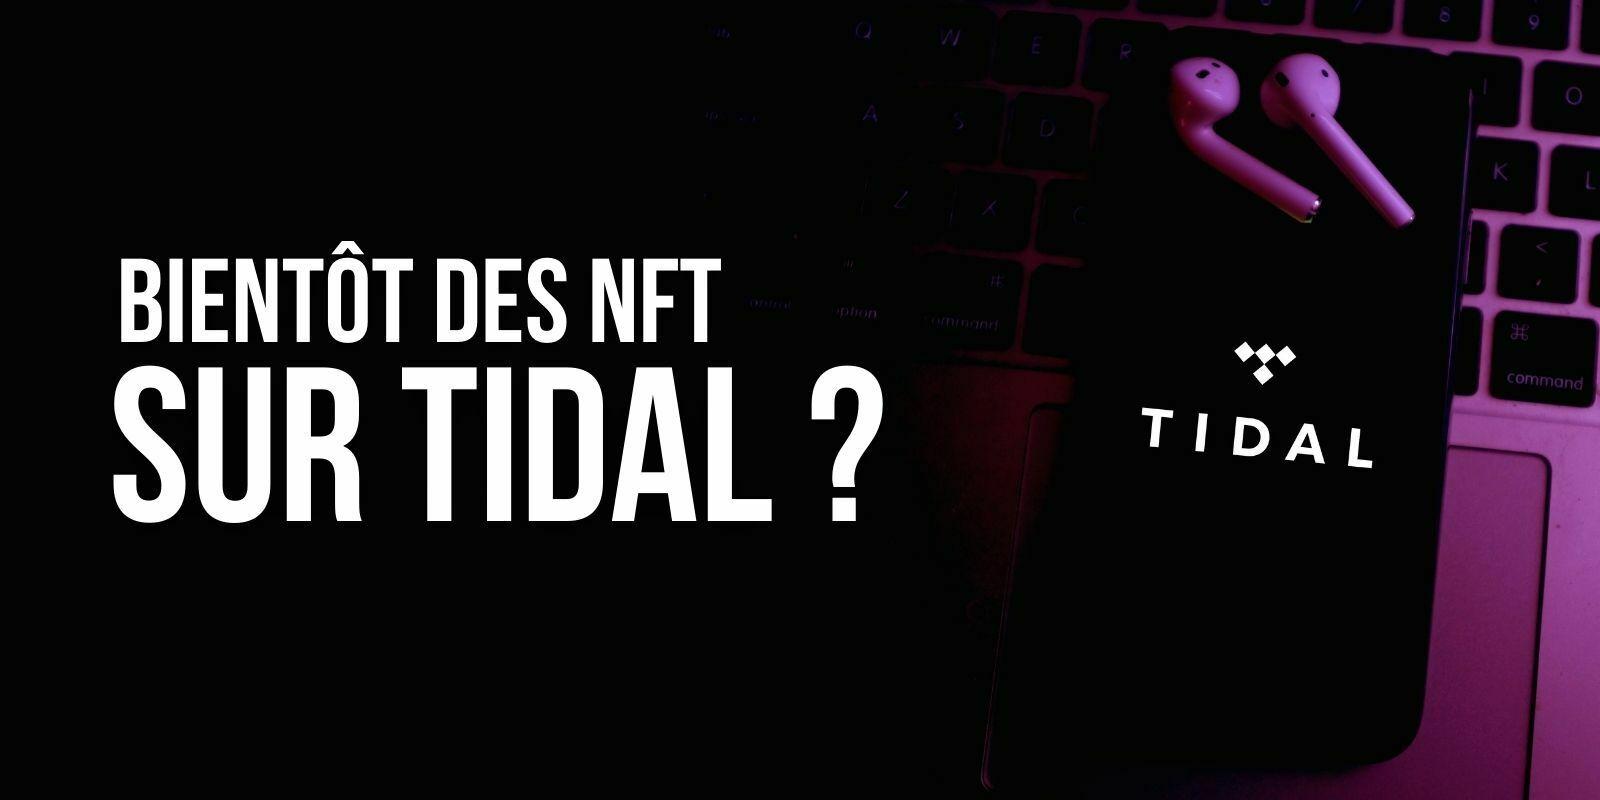 Tidal: bientôt des NFT et des smart contracts pour la plateforme de streaming musical?